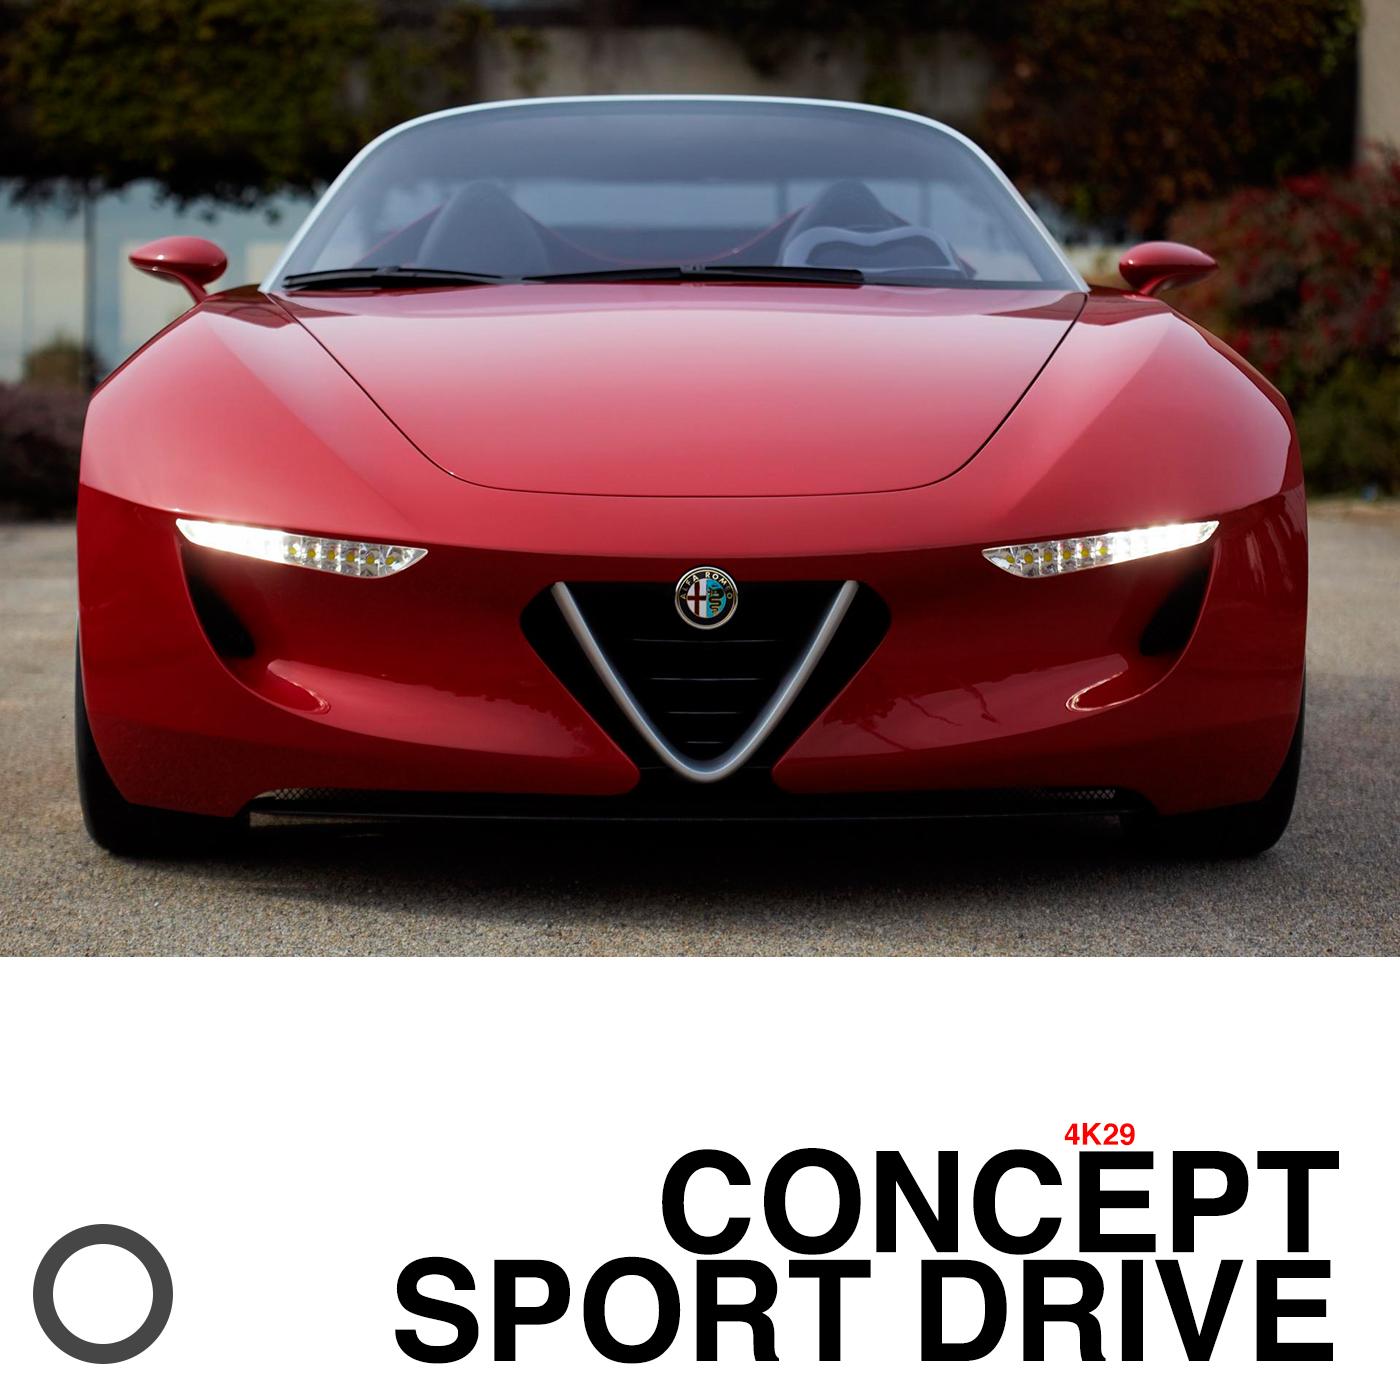 CONCEPT SPORT DRIVE 4K29